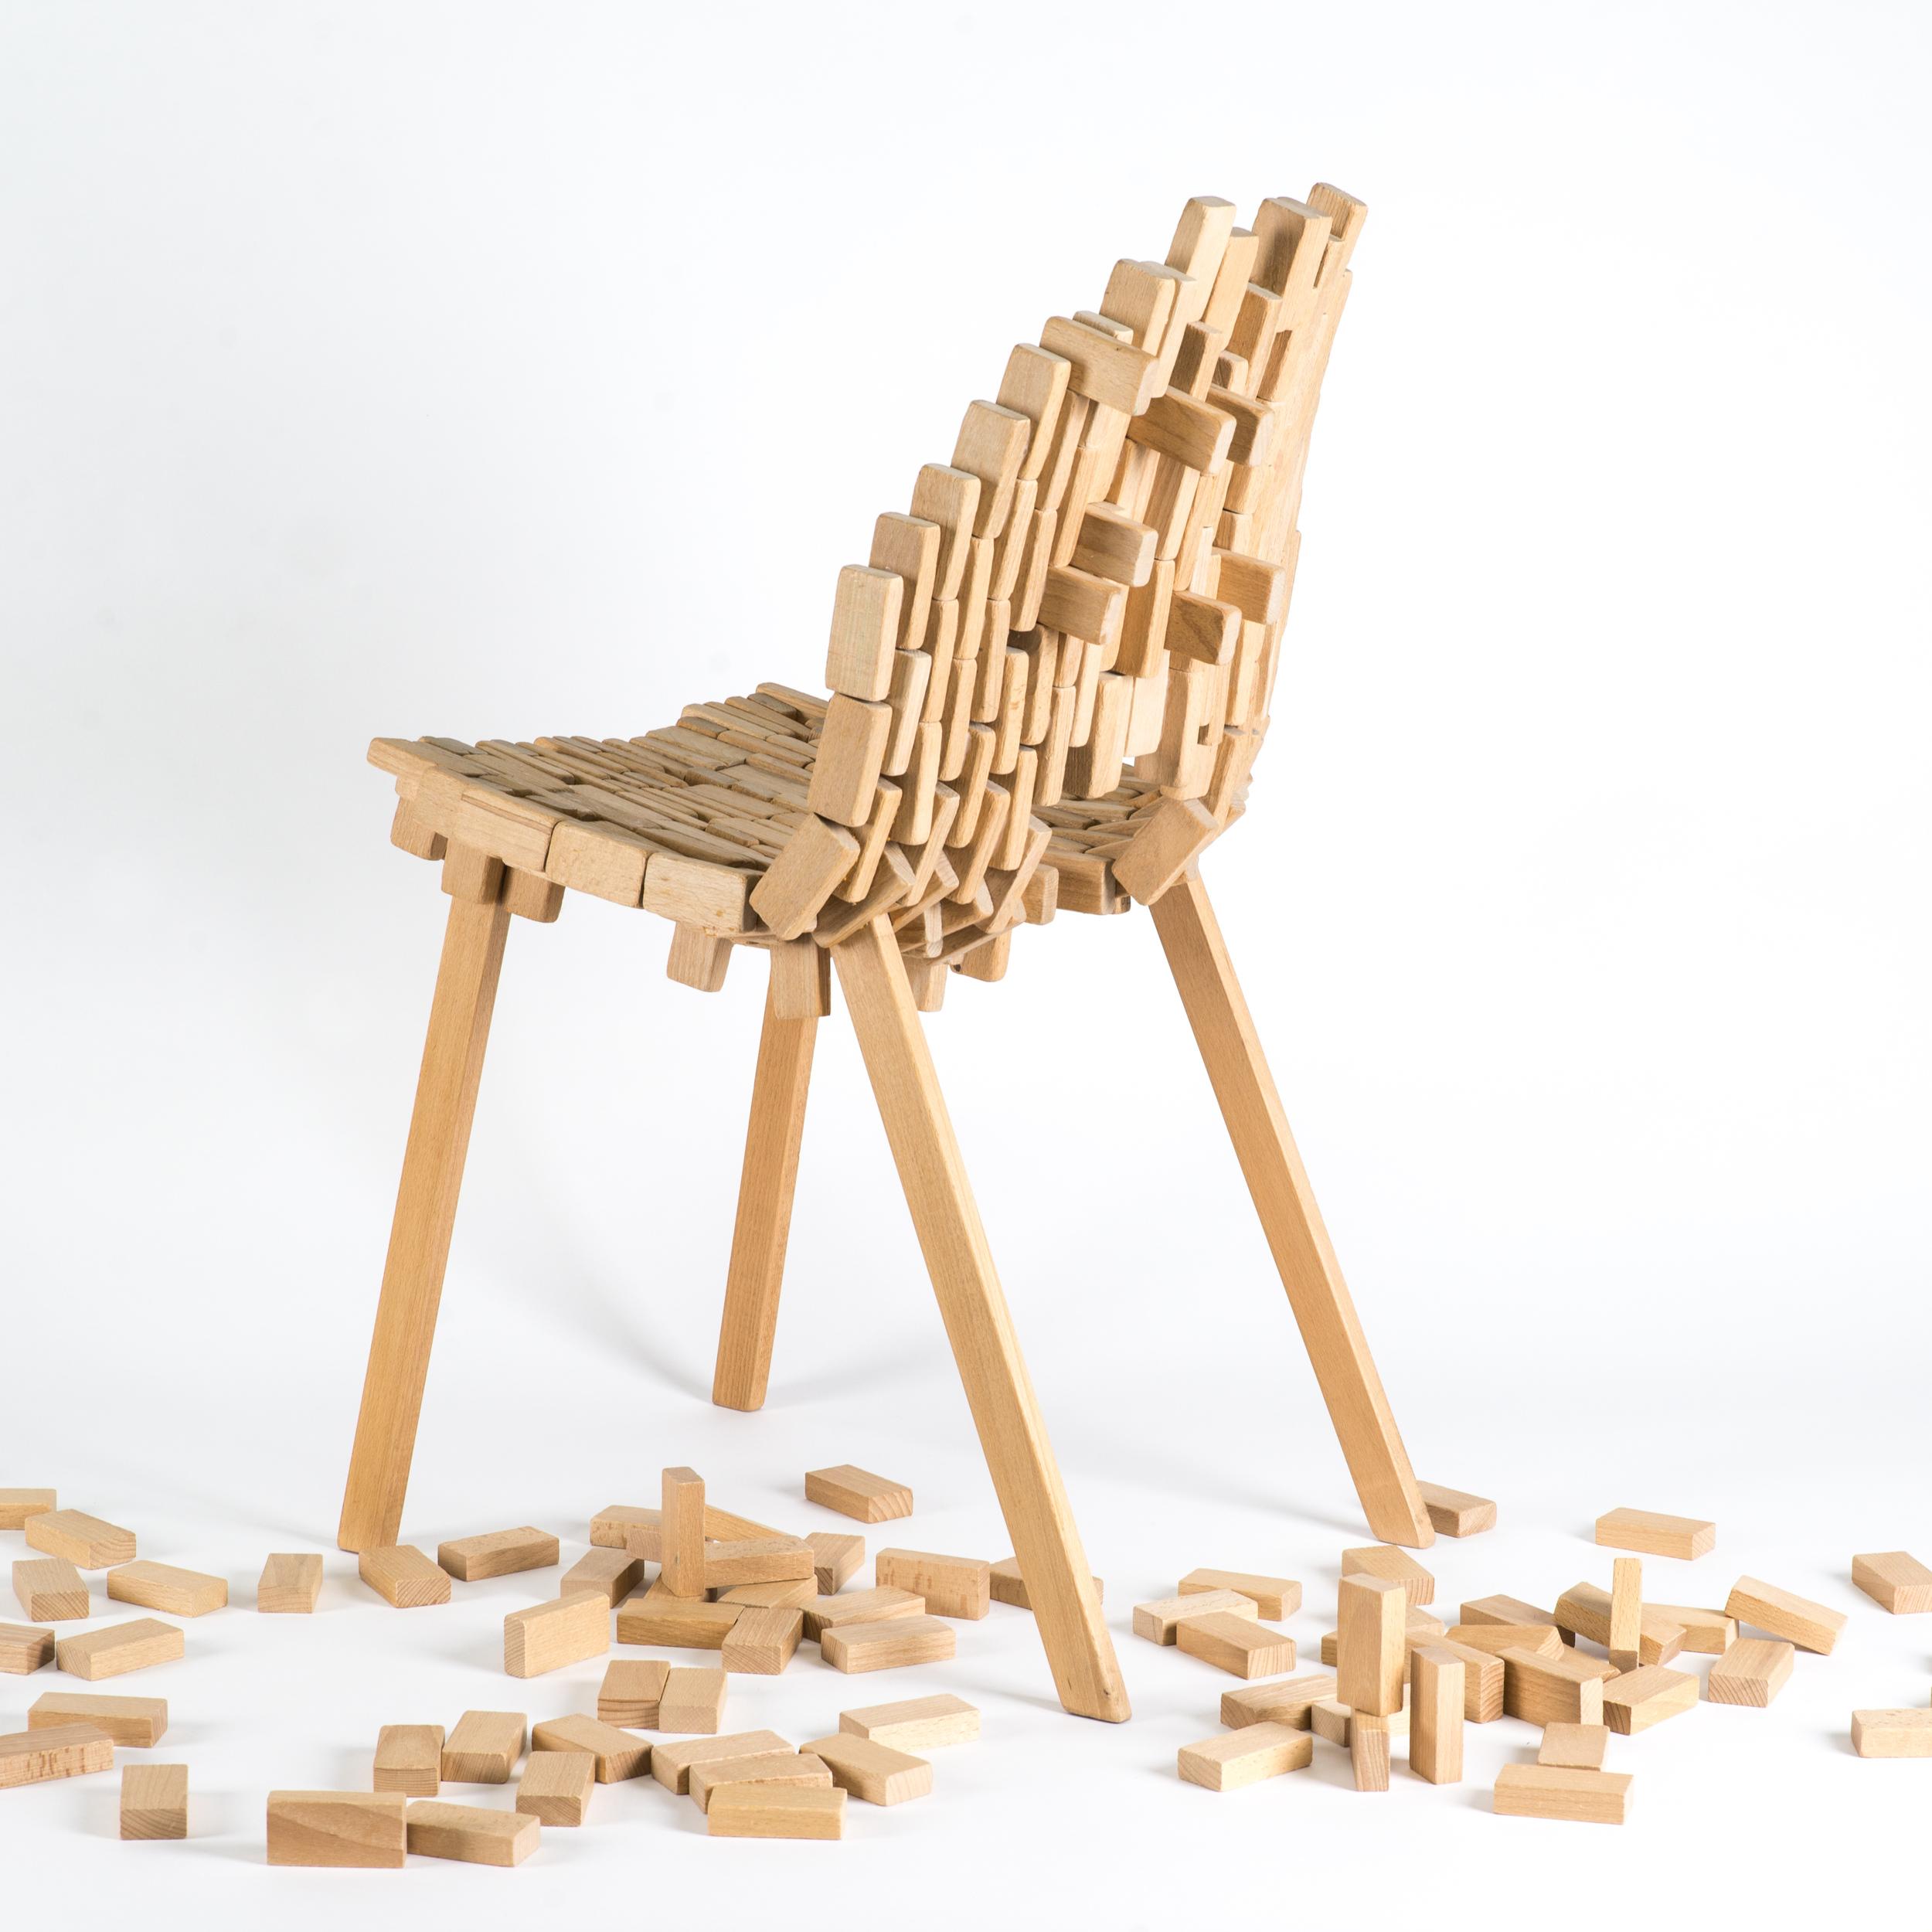 Bricks-chair-05.jpg